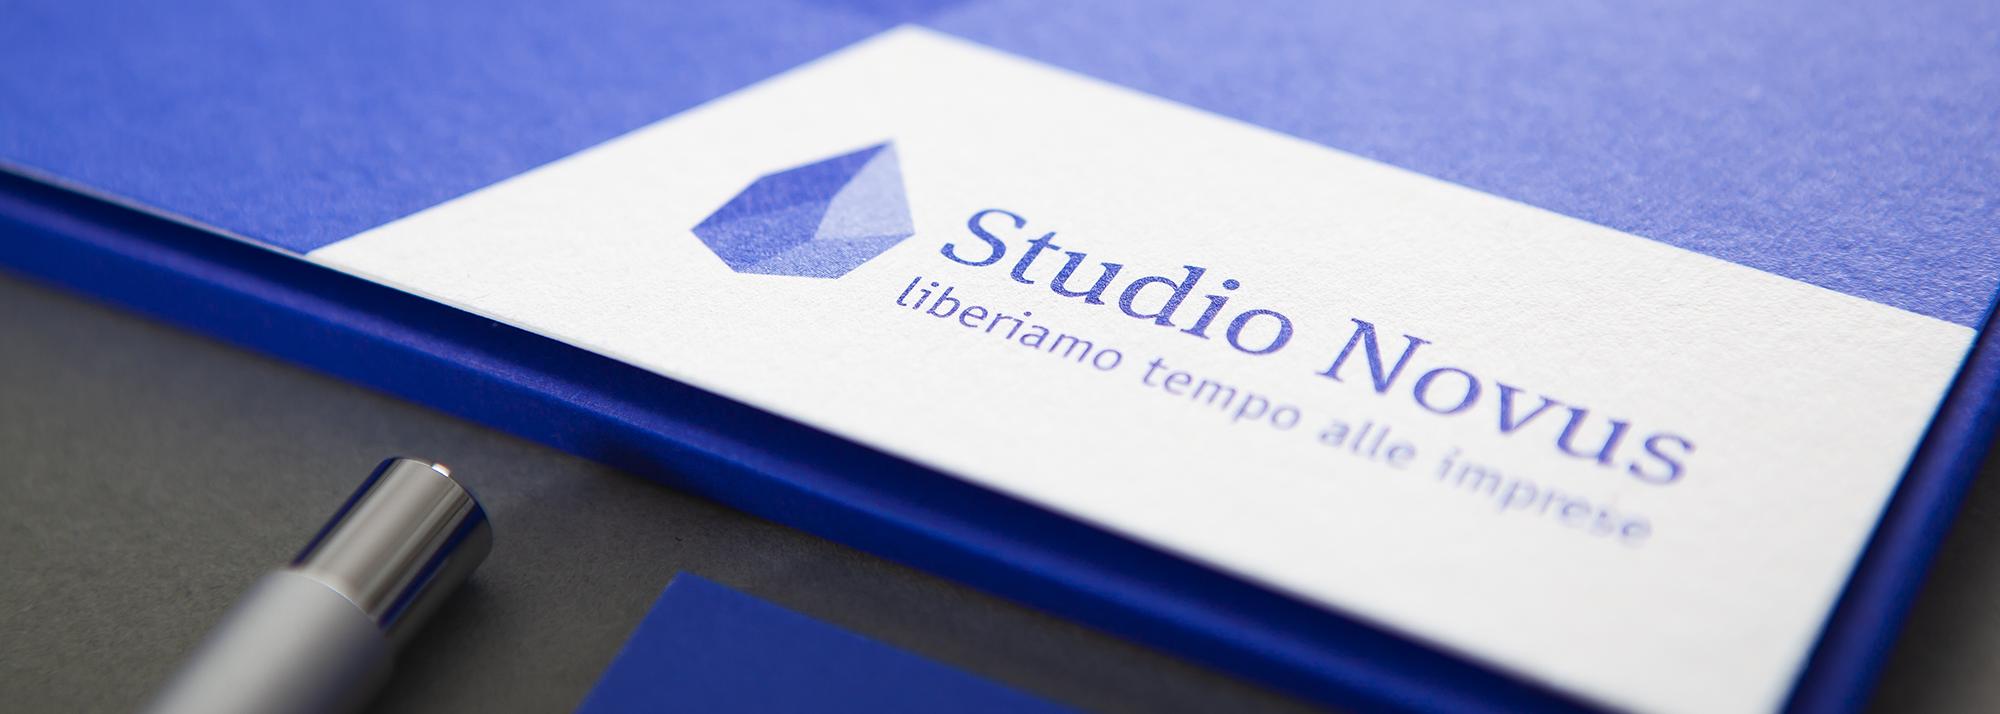 Realizzazione del marchio aziendale e dell'identità di marca per Studio Novus